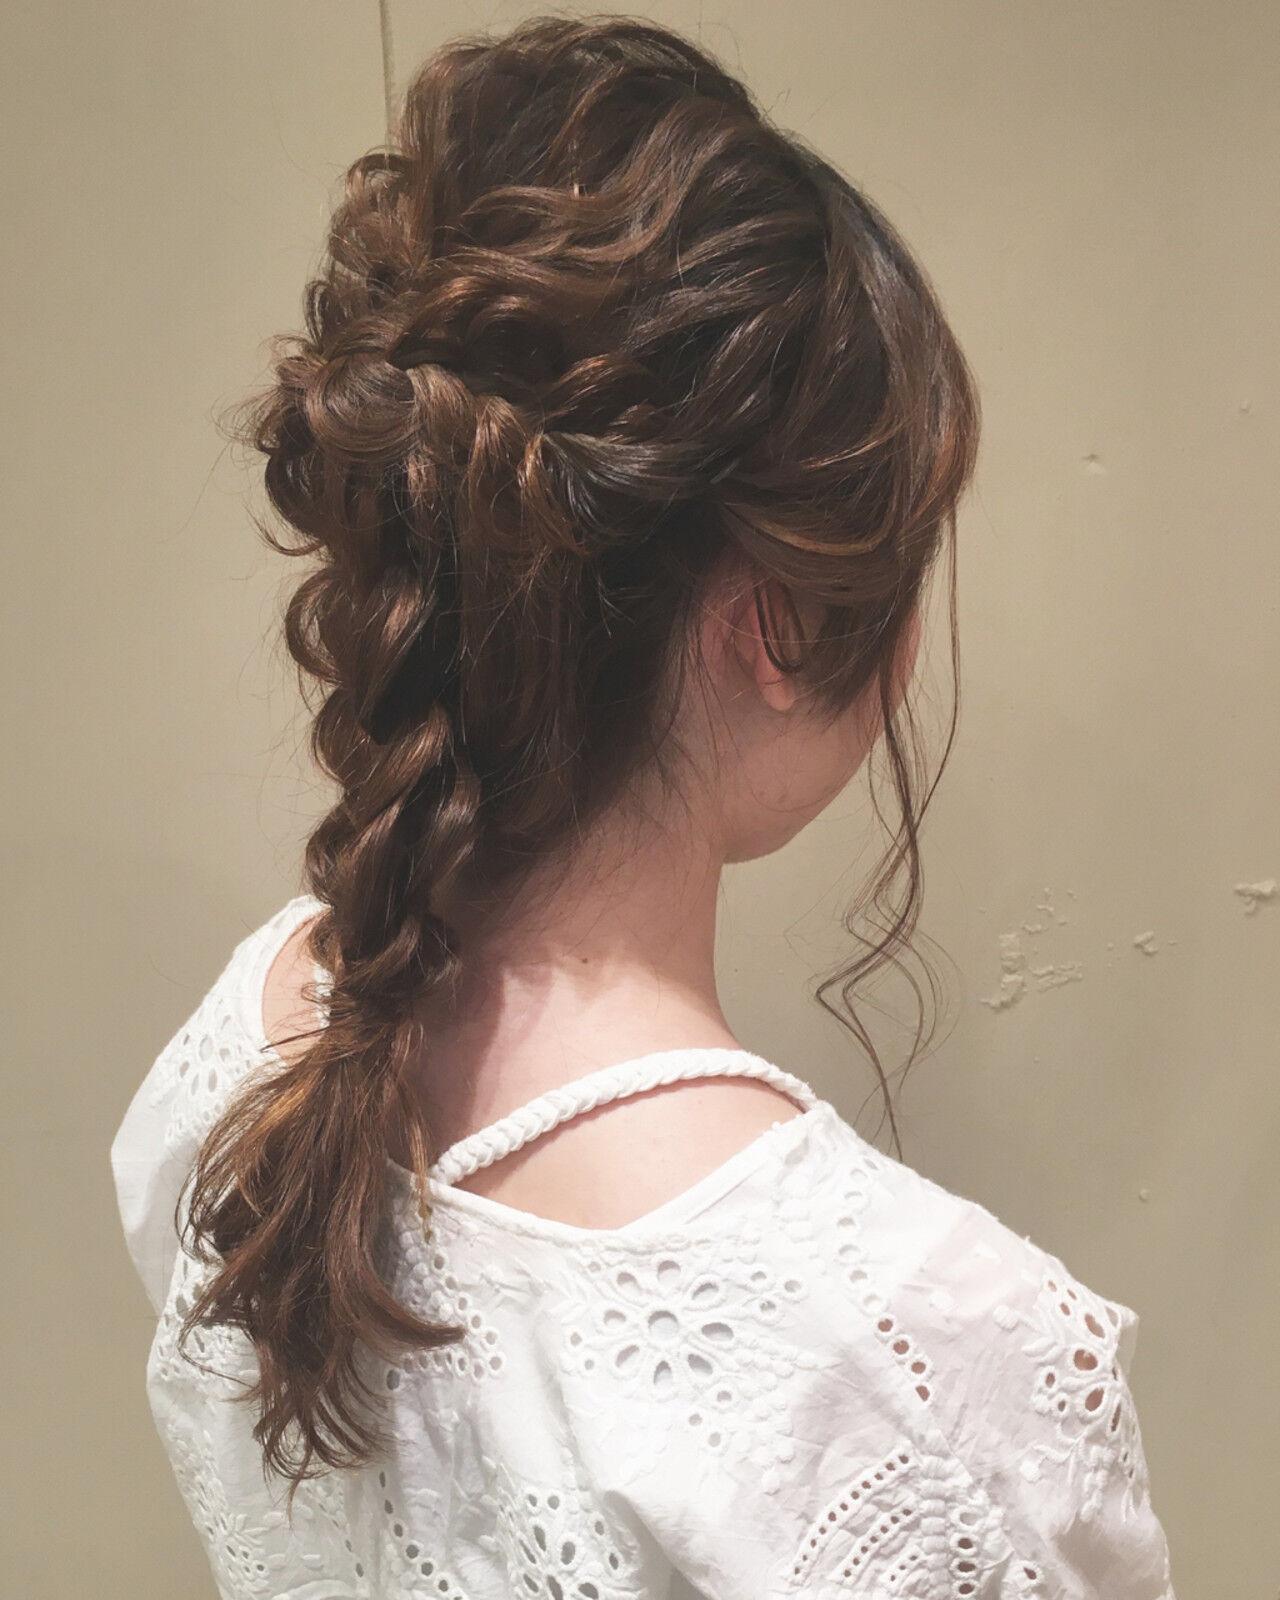 セミロング 編み込み ナチュラル 女子会ヘアスタイルや髪型の写真・画像